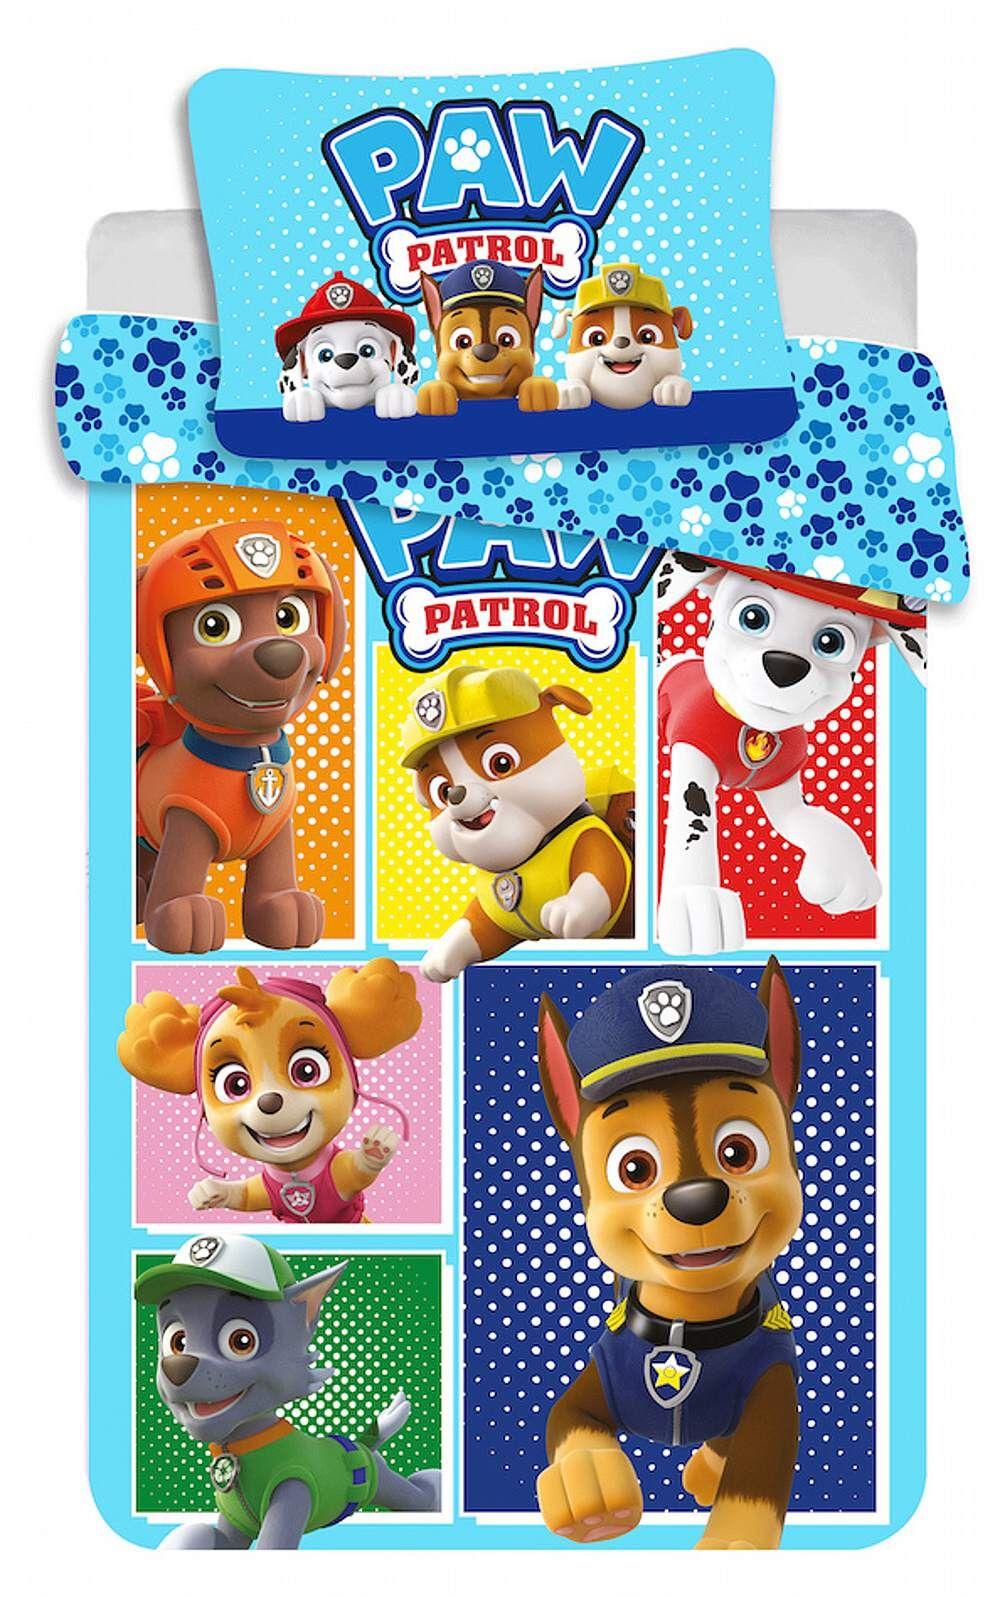 Disney povlečení do postýlky Paw Patrol 184 baby Jerry Fabrics